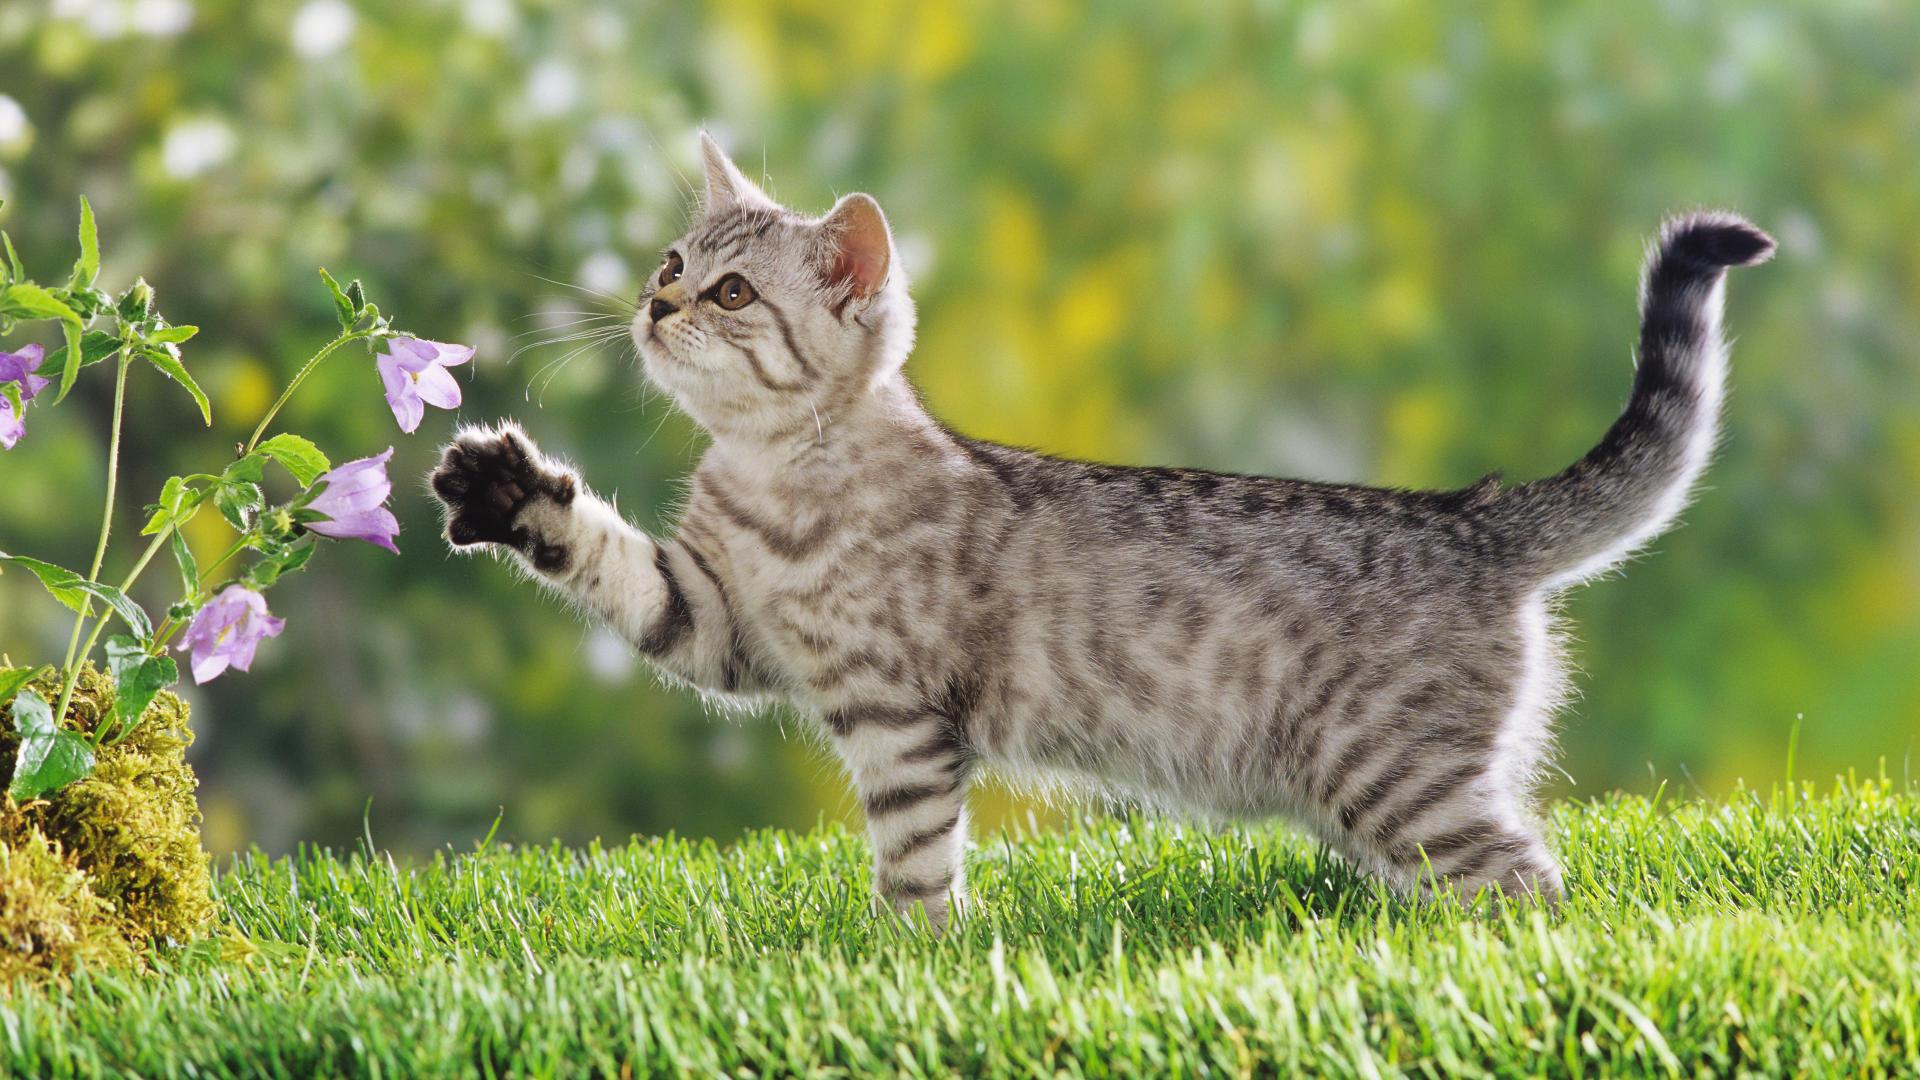 تصویر زیبای گربه